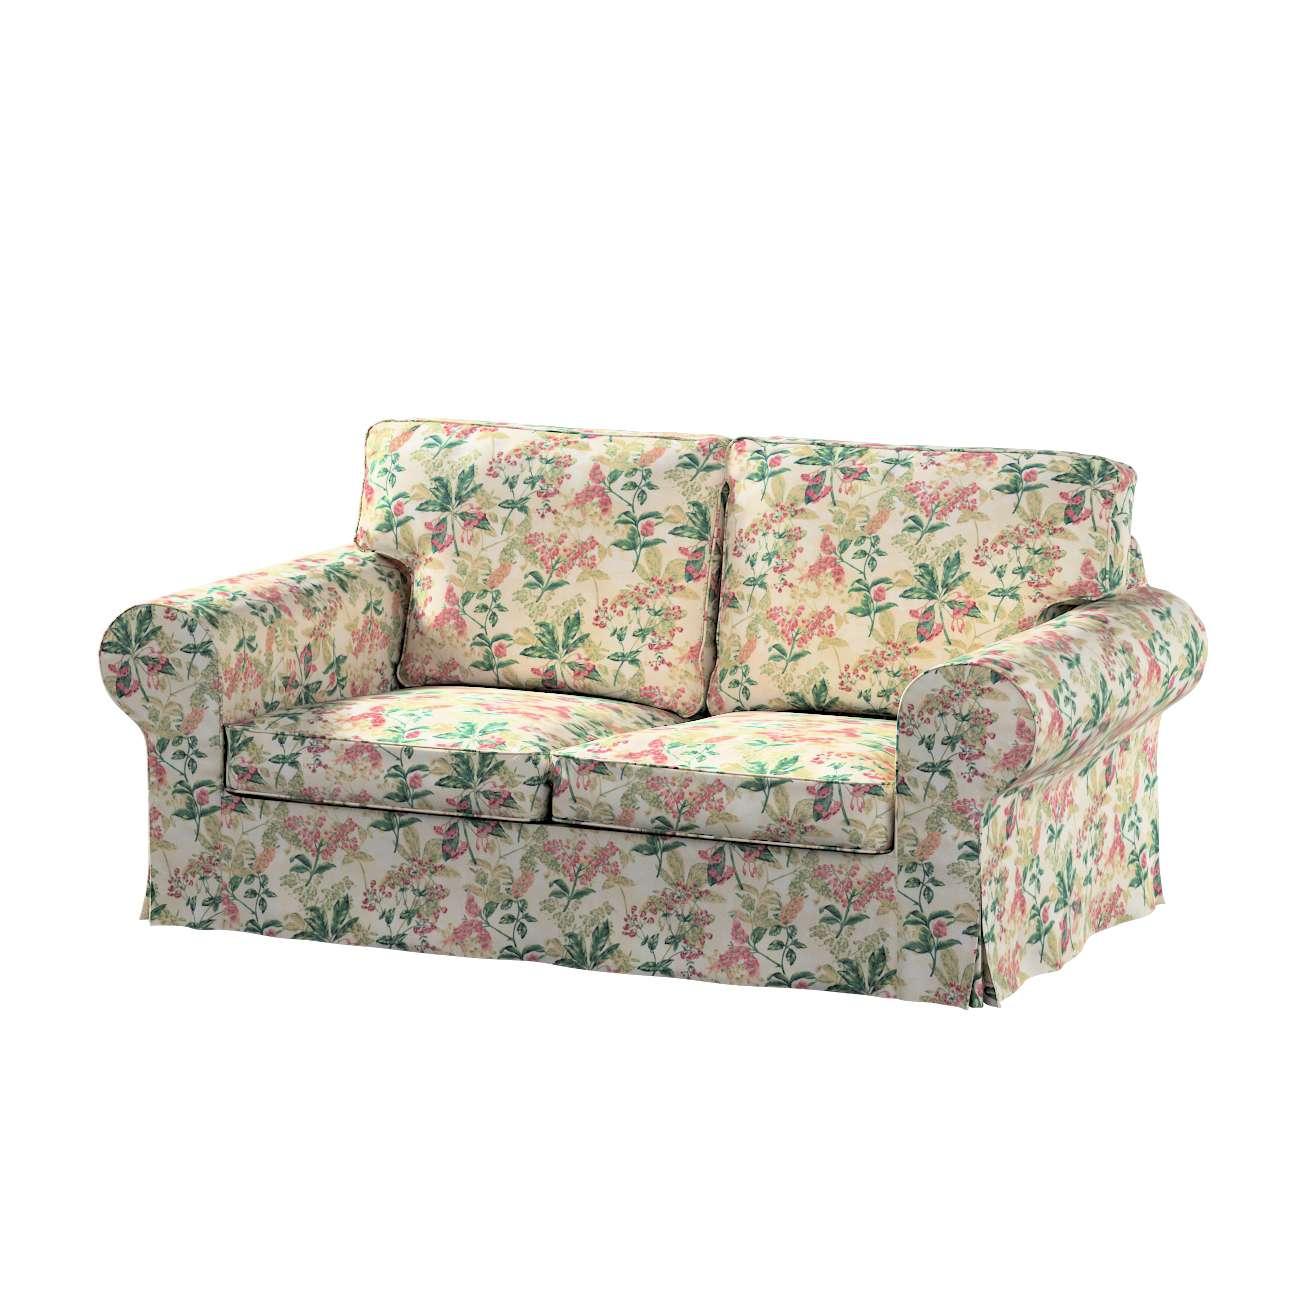 Pokrowiec na sofę Ektorp 2-osobową, nierozkładaną w kolekcji Londres, tkanina: 143-41